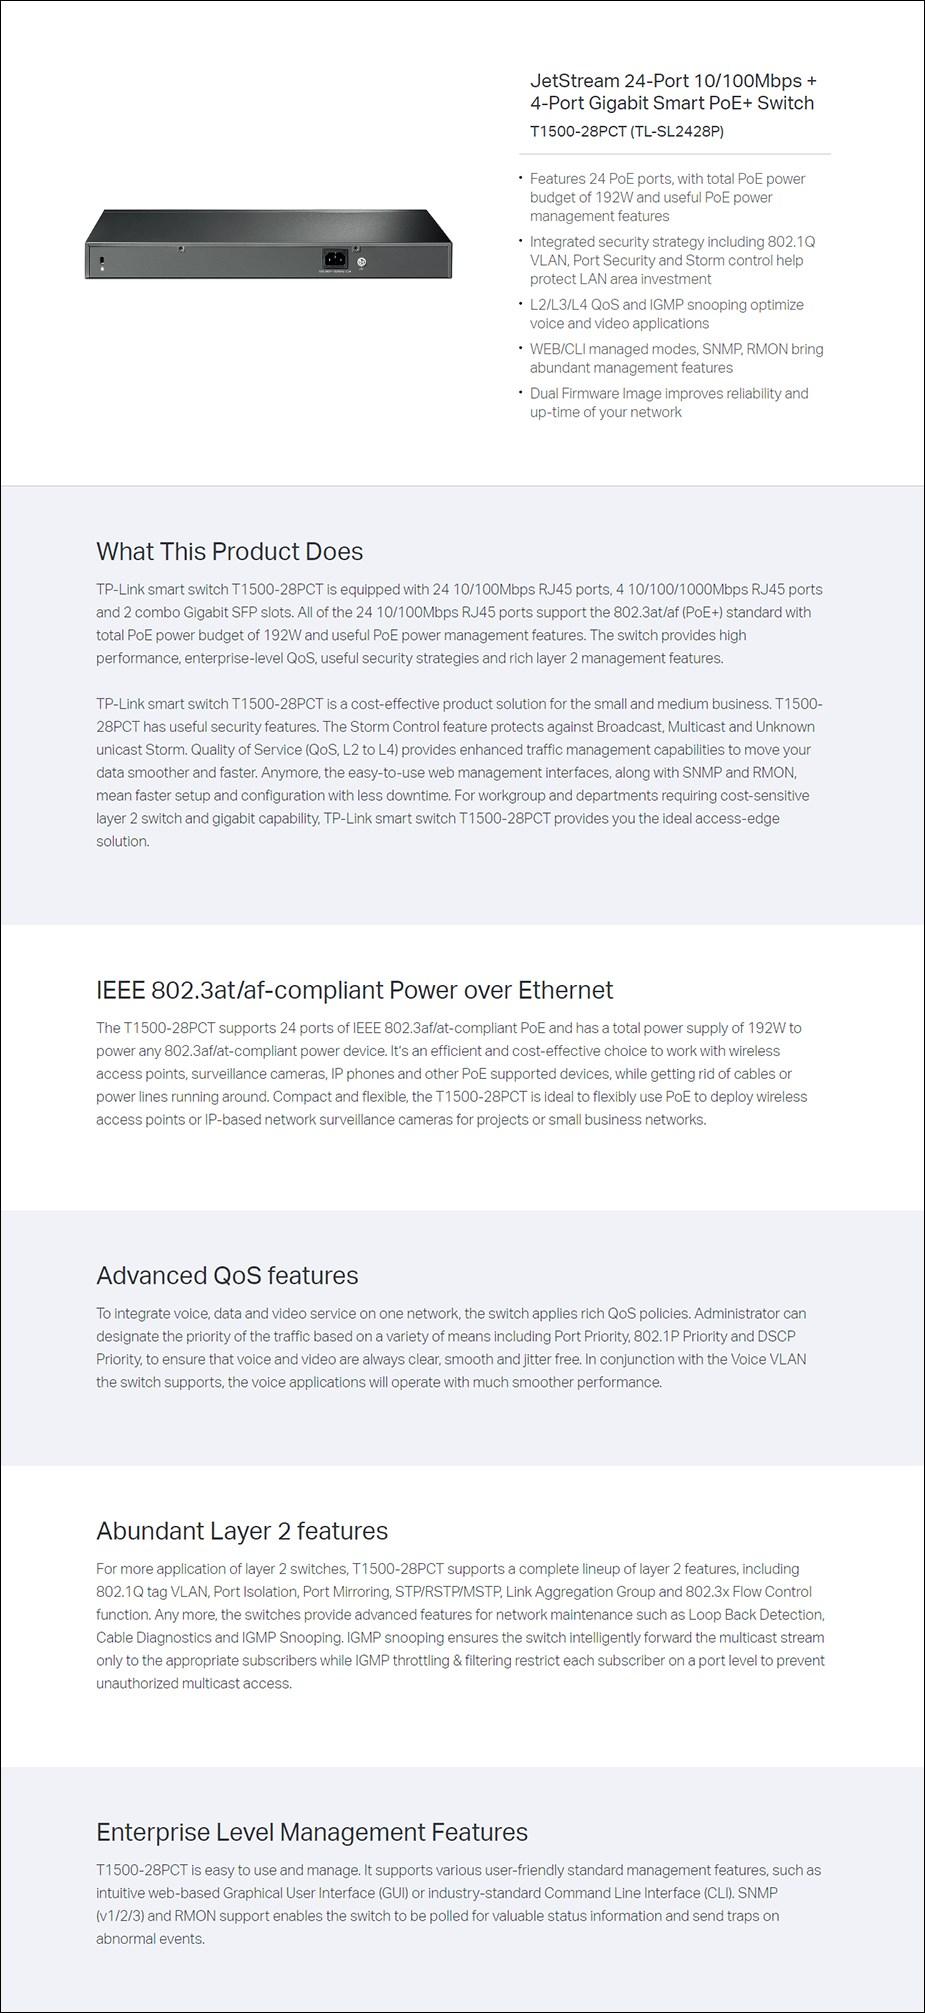 TP-Link TL-SL2428P 24-Port 10/100Mbps + 4-Port Gigabit Smart PoE+ Switch - Overview 1